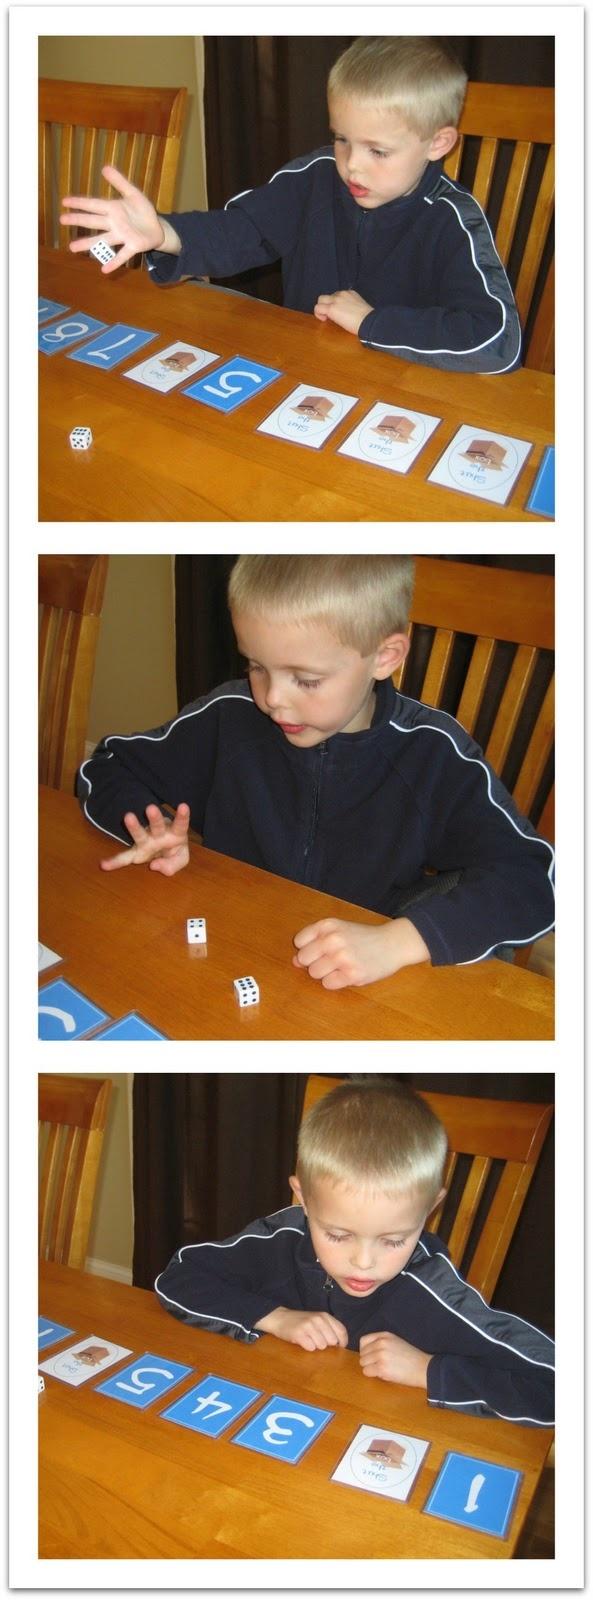 Shut the Box Dice Game - kaarten 1 tot met 9 (of zou je 12 moeten doen?). Eerste speler gooit twee dobbelstenen, telt ze op en draait het bijbehorende kaartje om, herhaalt dit net zo lang tot er een aantal wordt gegooid dat al is omgedraaid. De overgebleven getallen worden opgeteld: de score van die ronde. Dan is de andere speler aan de beurt. Zo speel je een aantal rondes